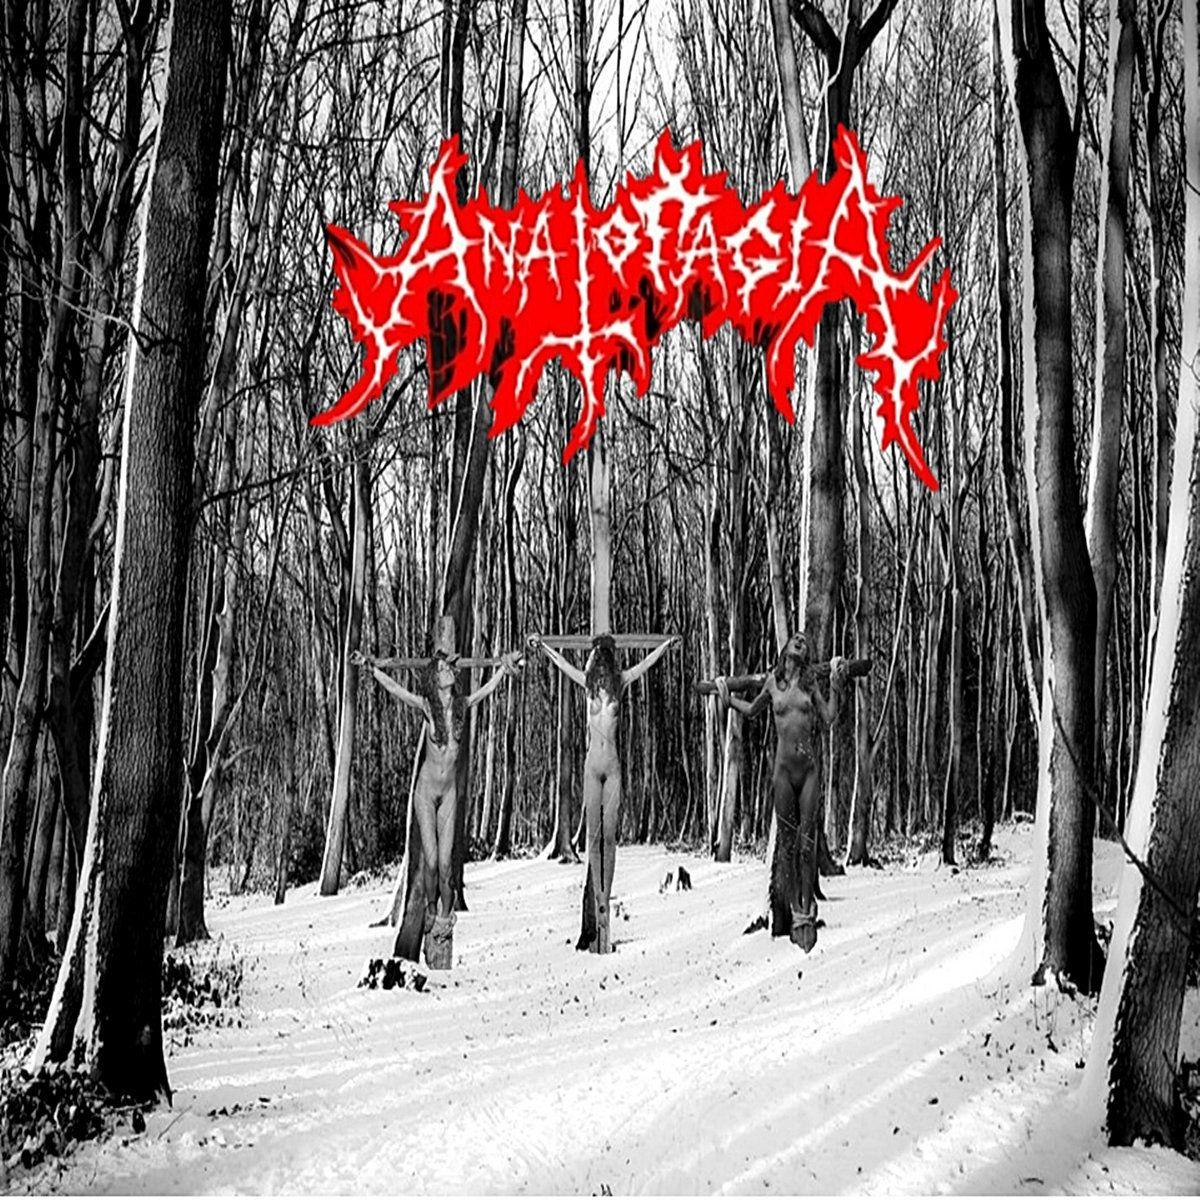 Review for Anatofagia - Crudo